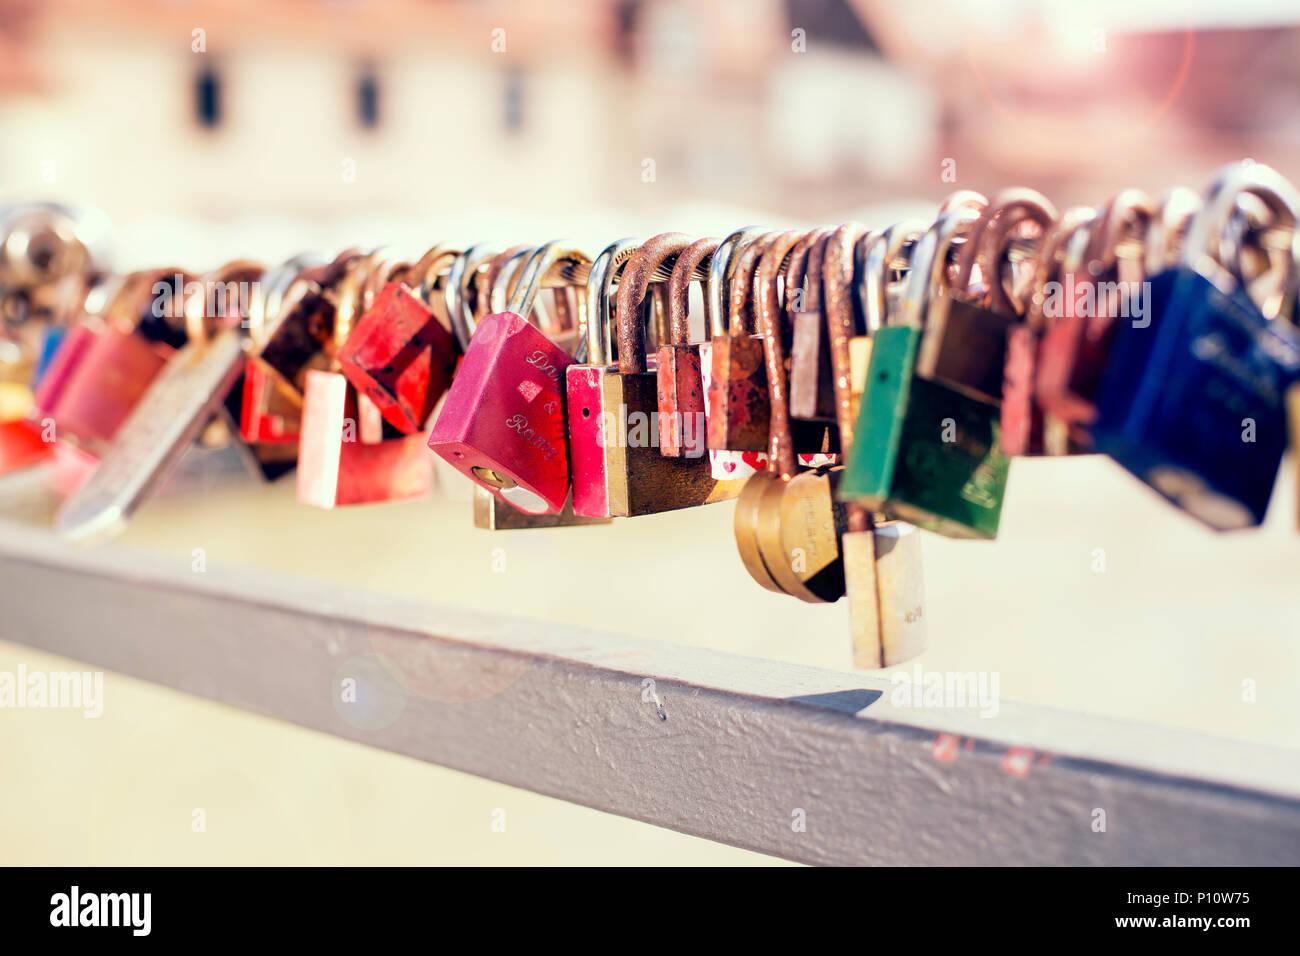 Schlösser an einem Brückengeländer, Symbolbild für Liebe, Unvergänglichkeit - Stock Image